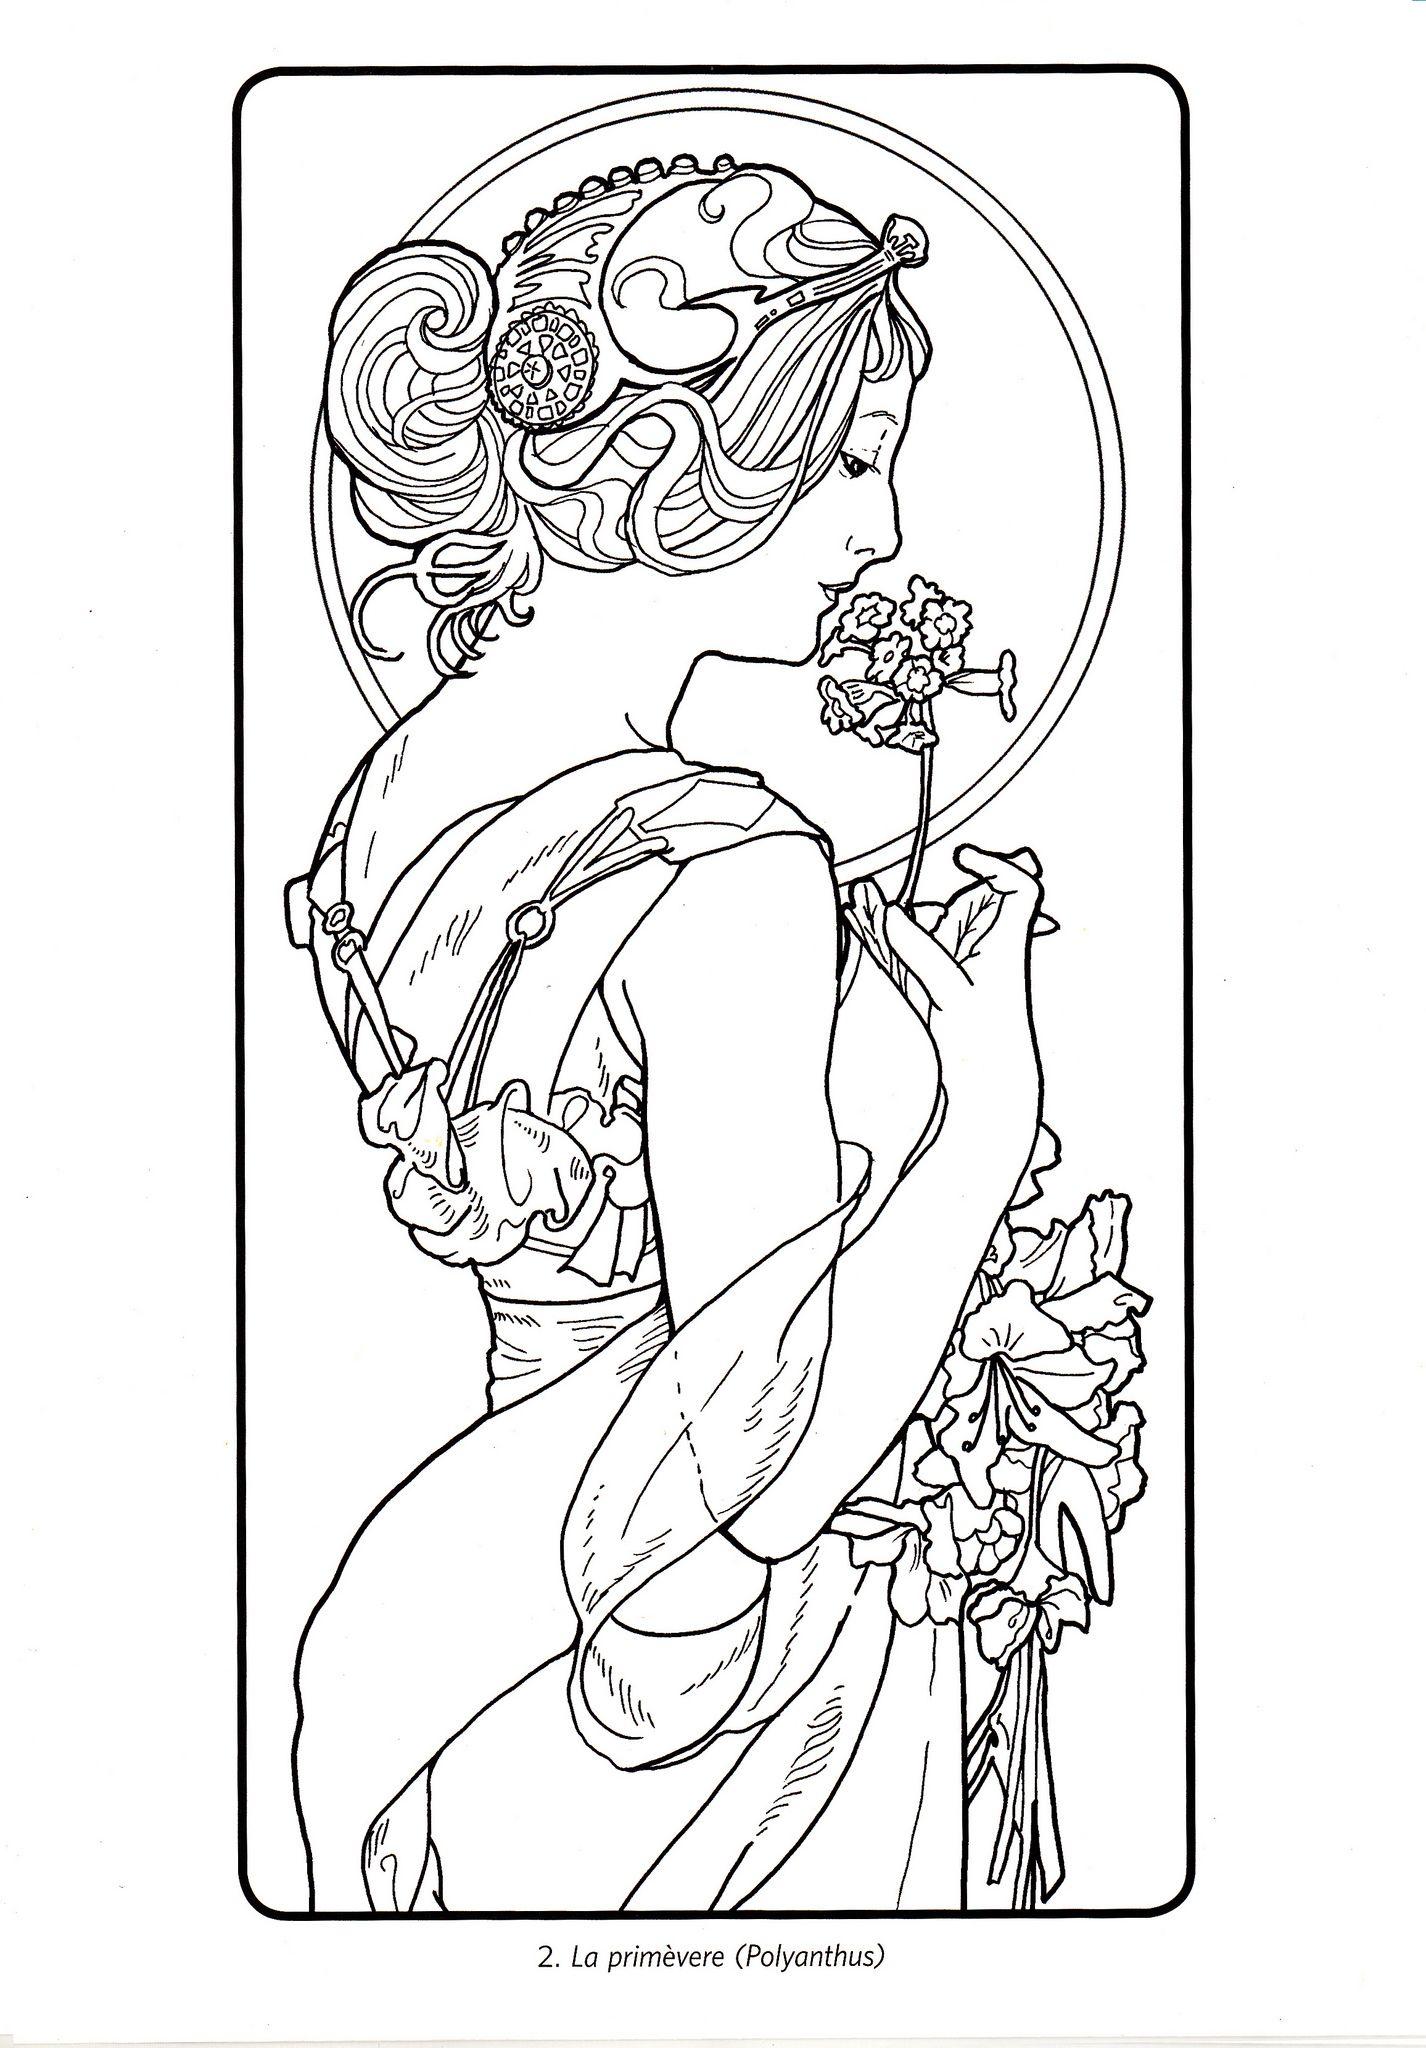 adult coloring coloring pages pencil art art nouveau art deco historical women alphonse mucha stencil angels